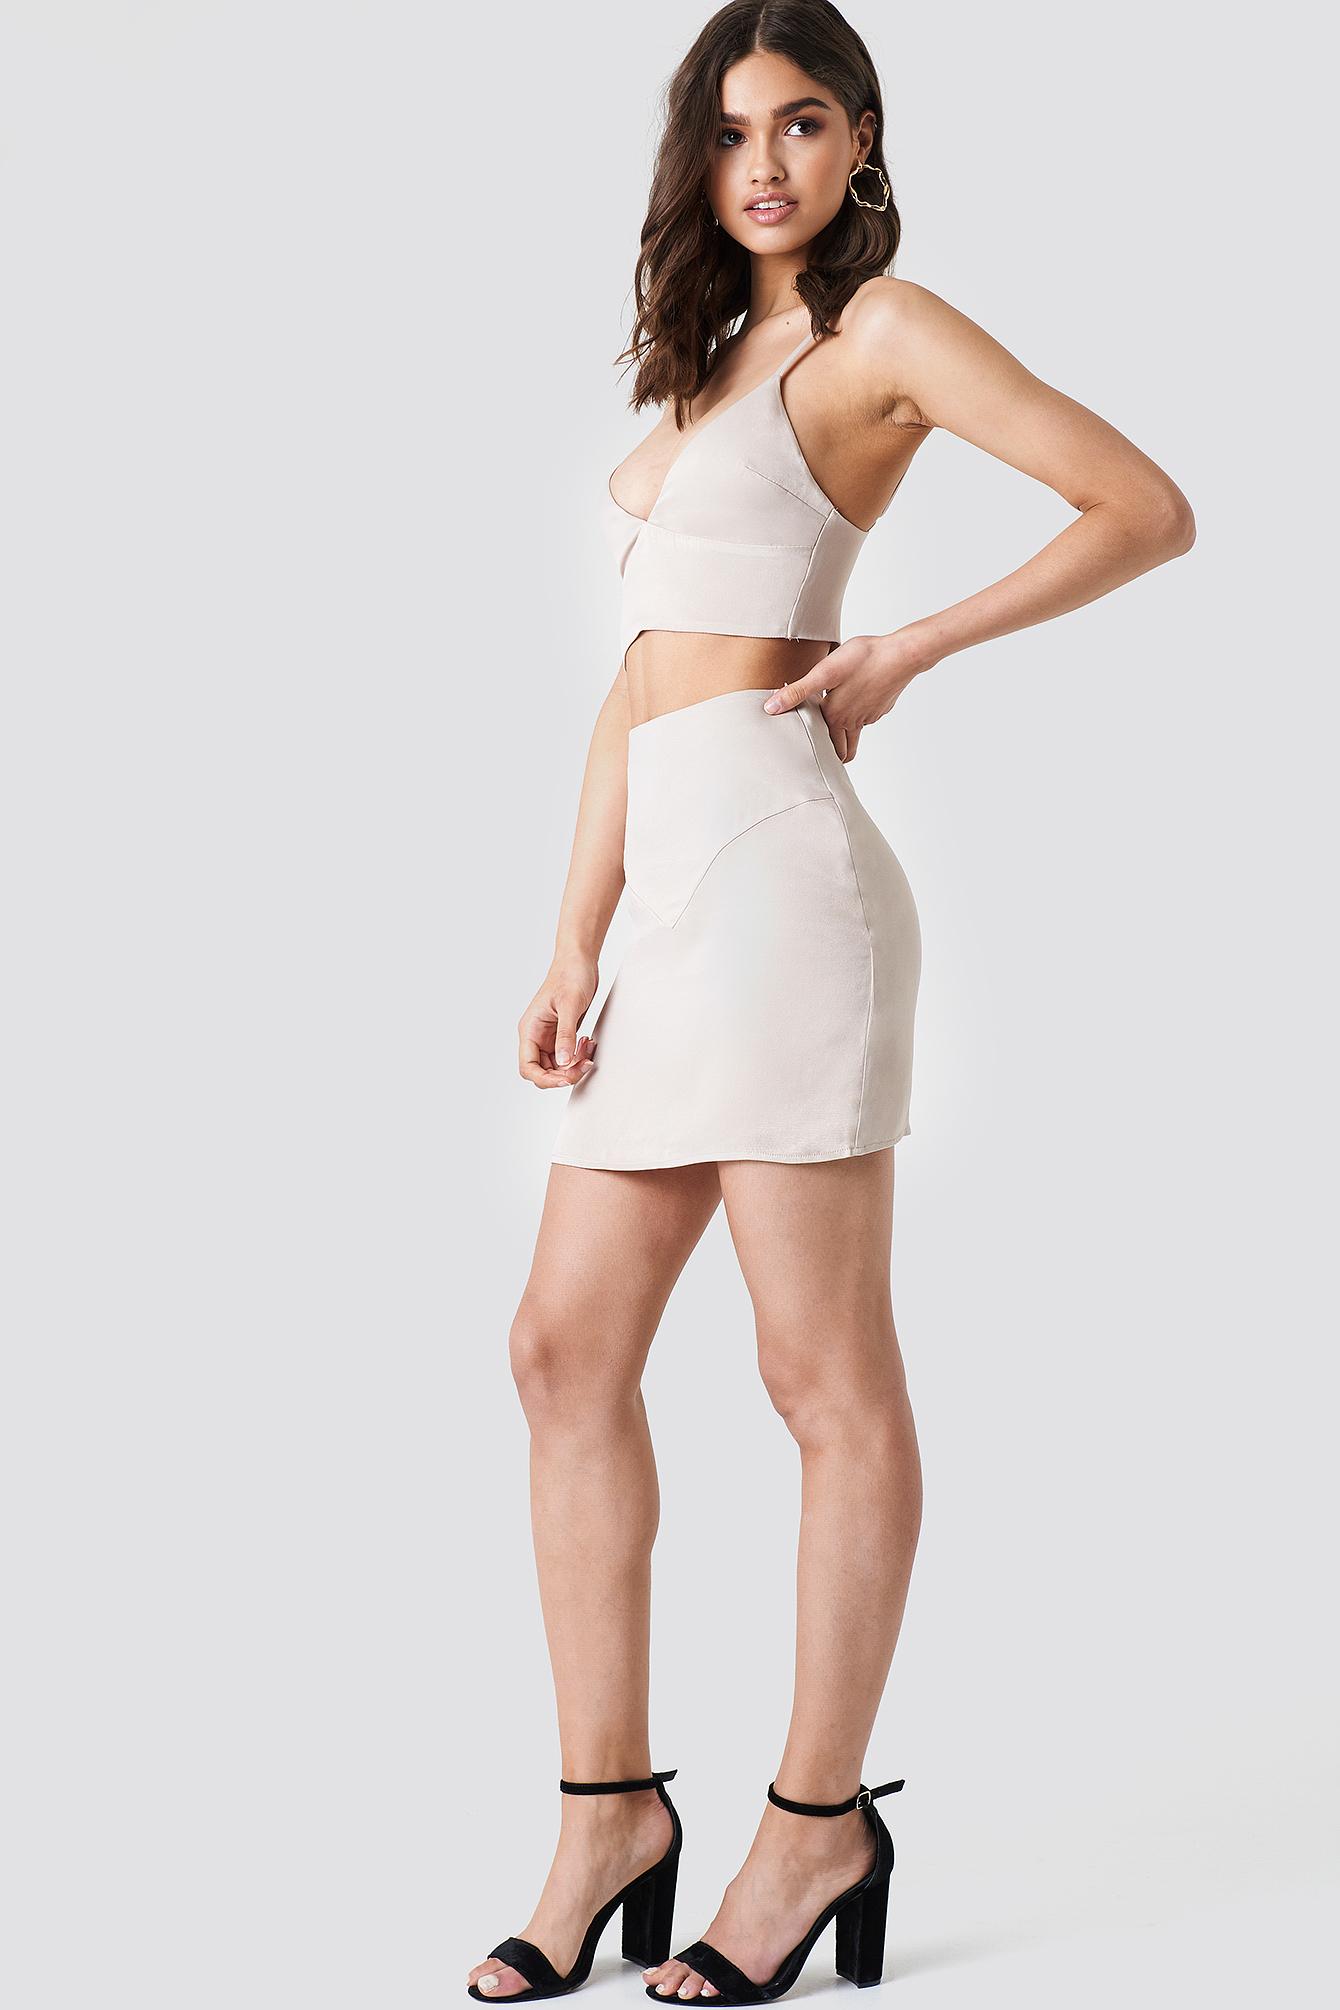 Short skirt photos